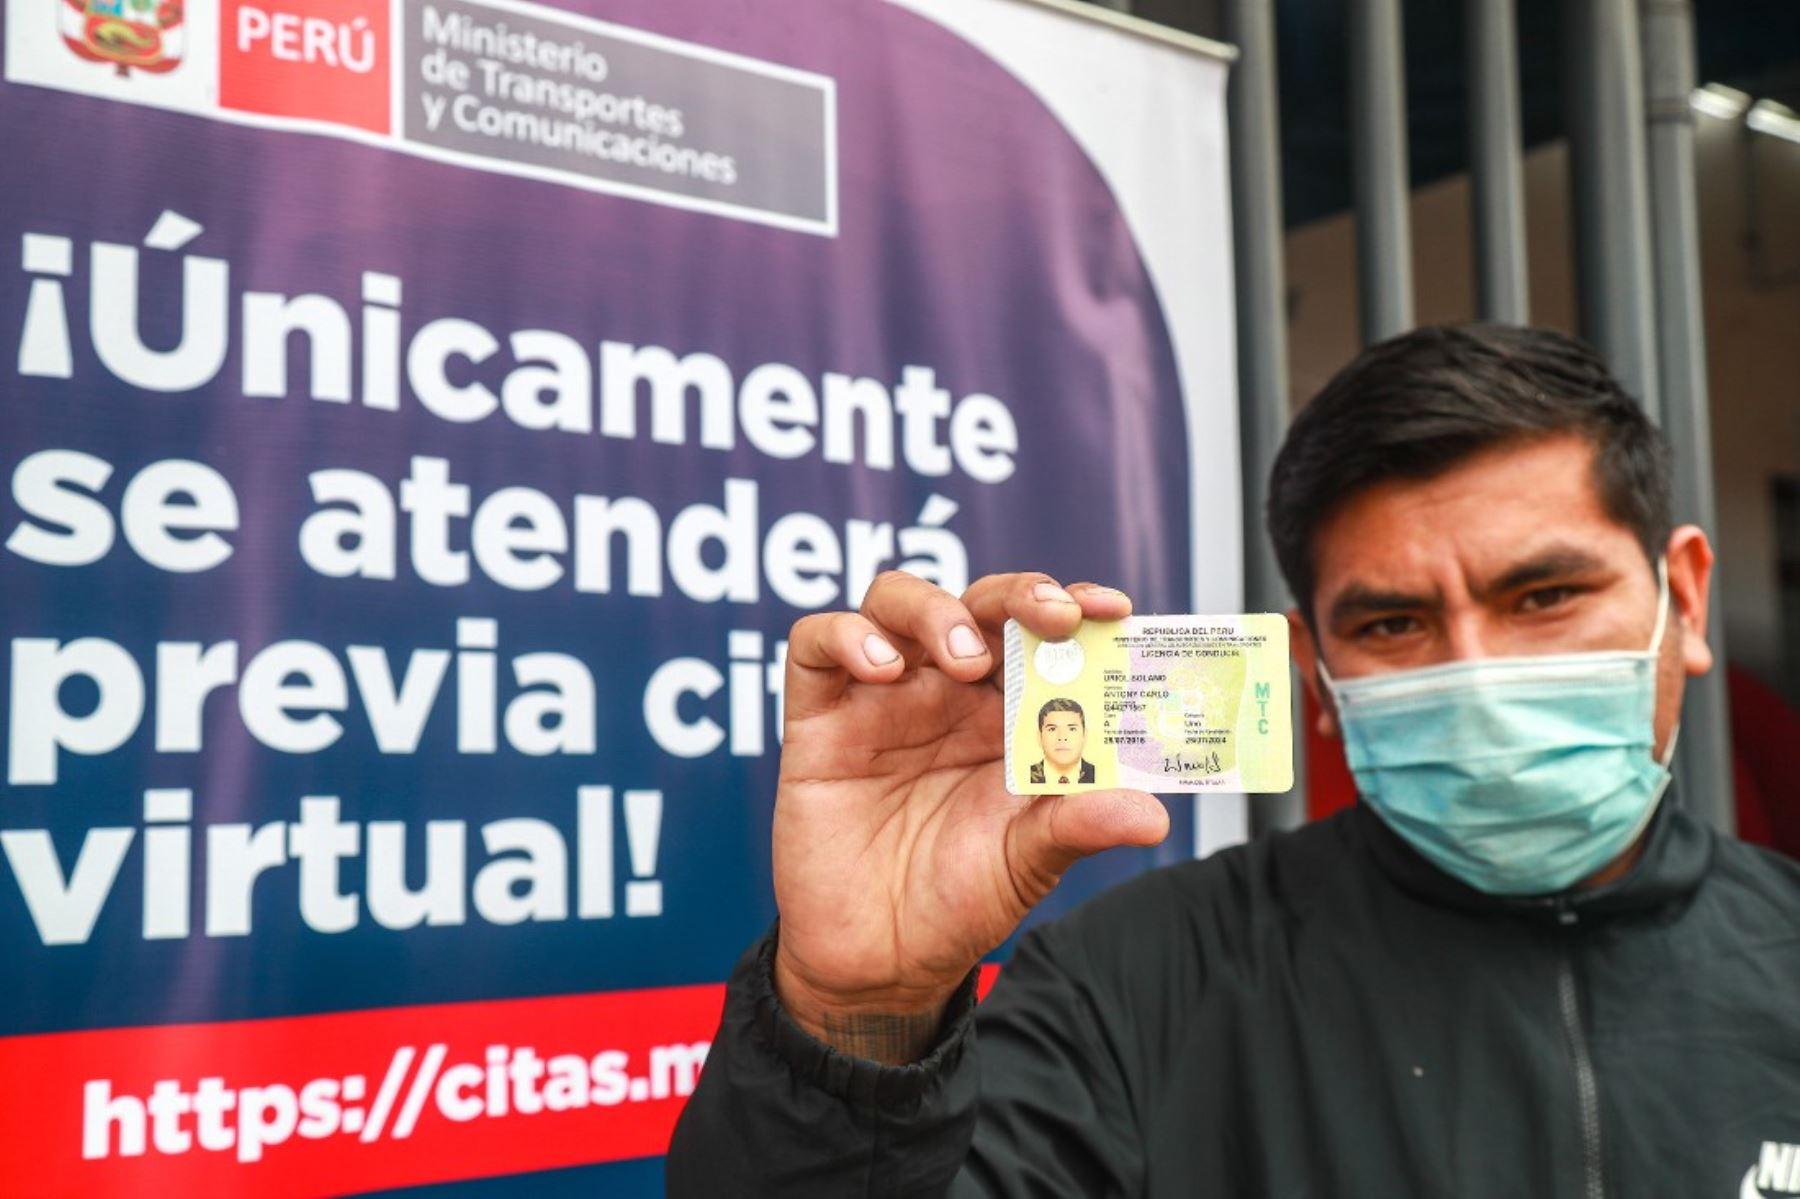 MTC entregó 16,044 licencias de conducir en las primeras 8 semanas de reactivación. Foto: ANDINA/Difusión.